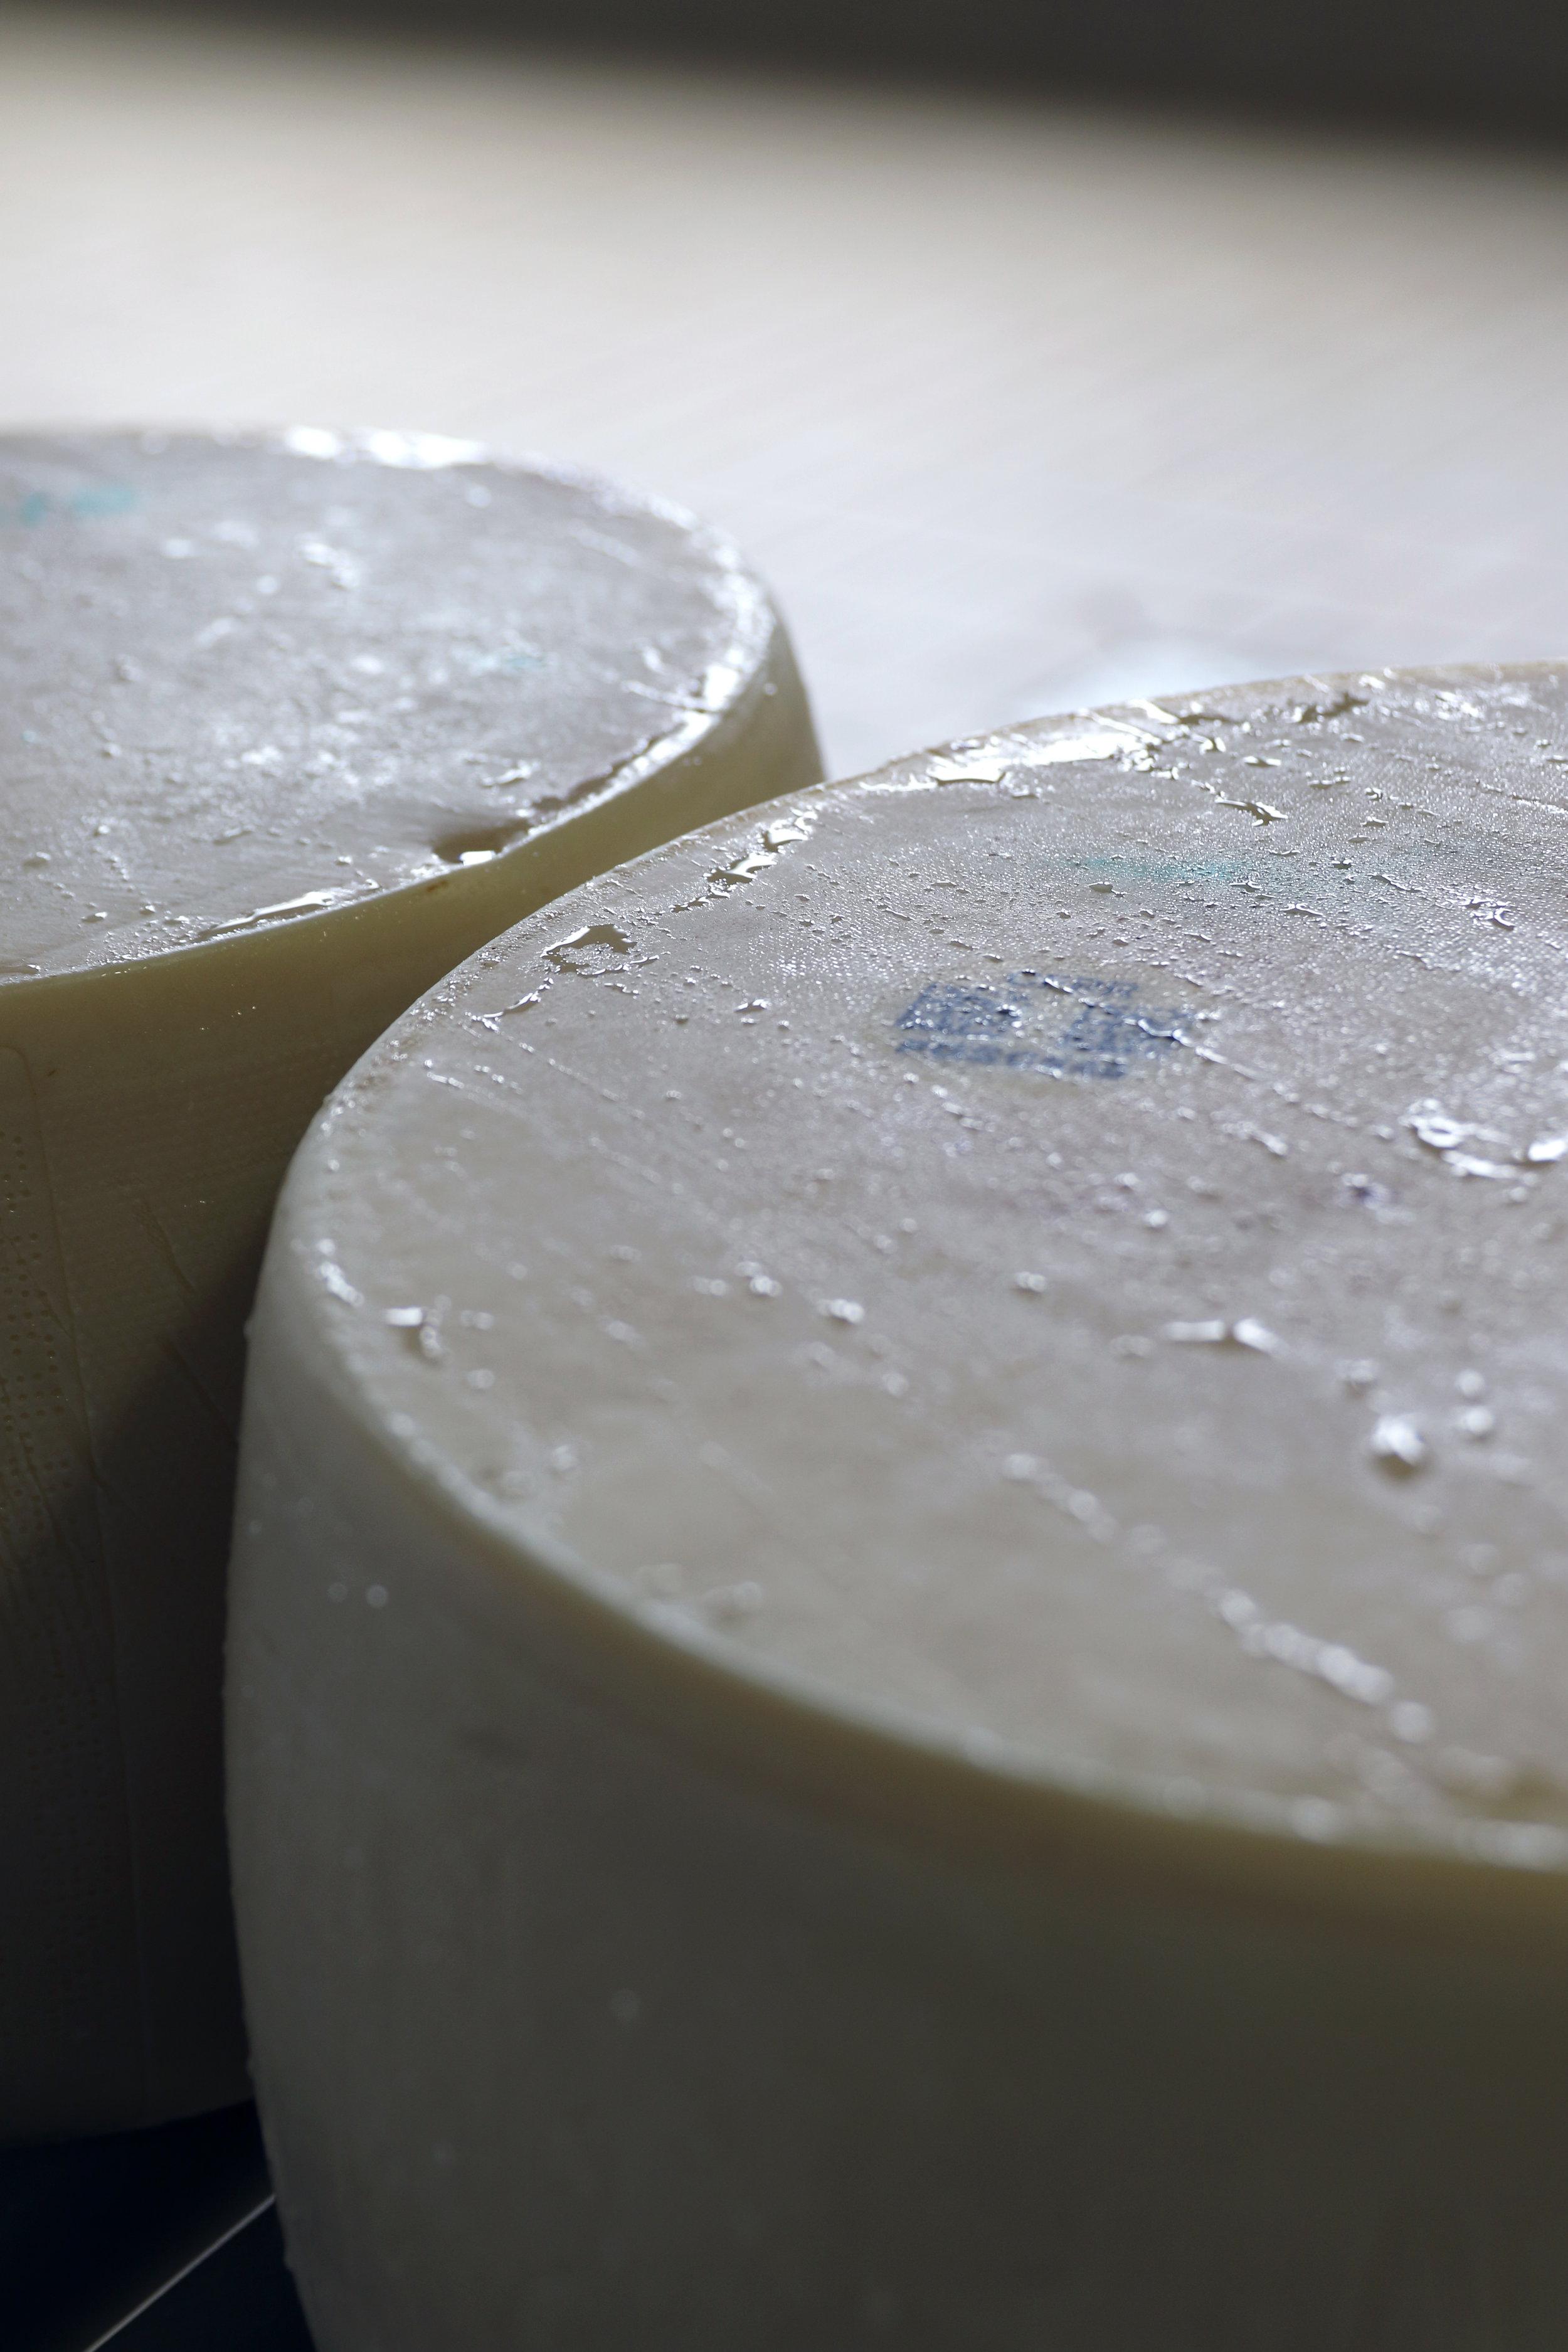 trips-2017-italy-atalanta-tuscany-galli-farm-parmigiano-reggiano-creamery-cheese-production-make-280A7253.jpg